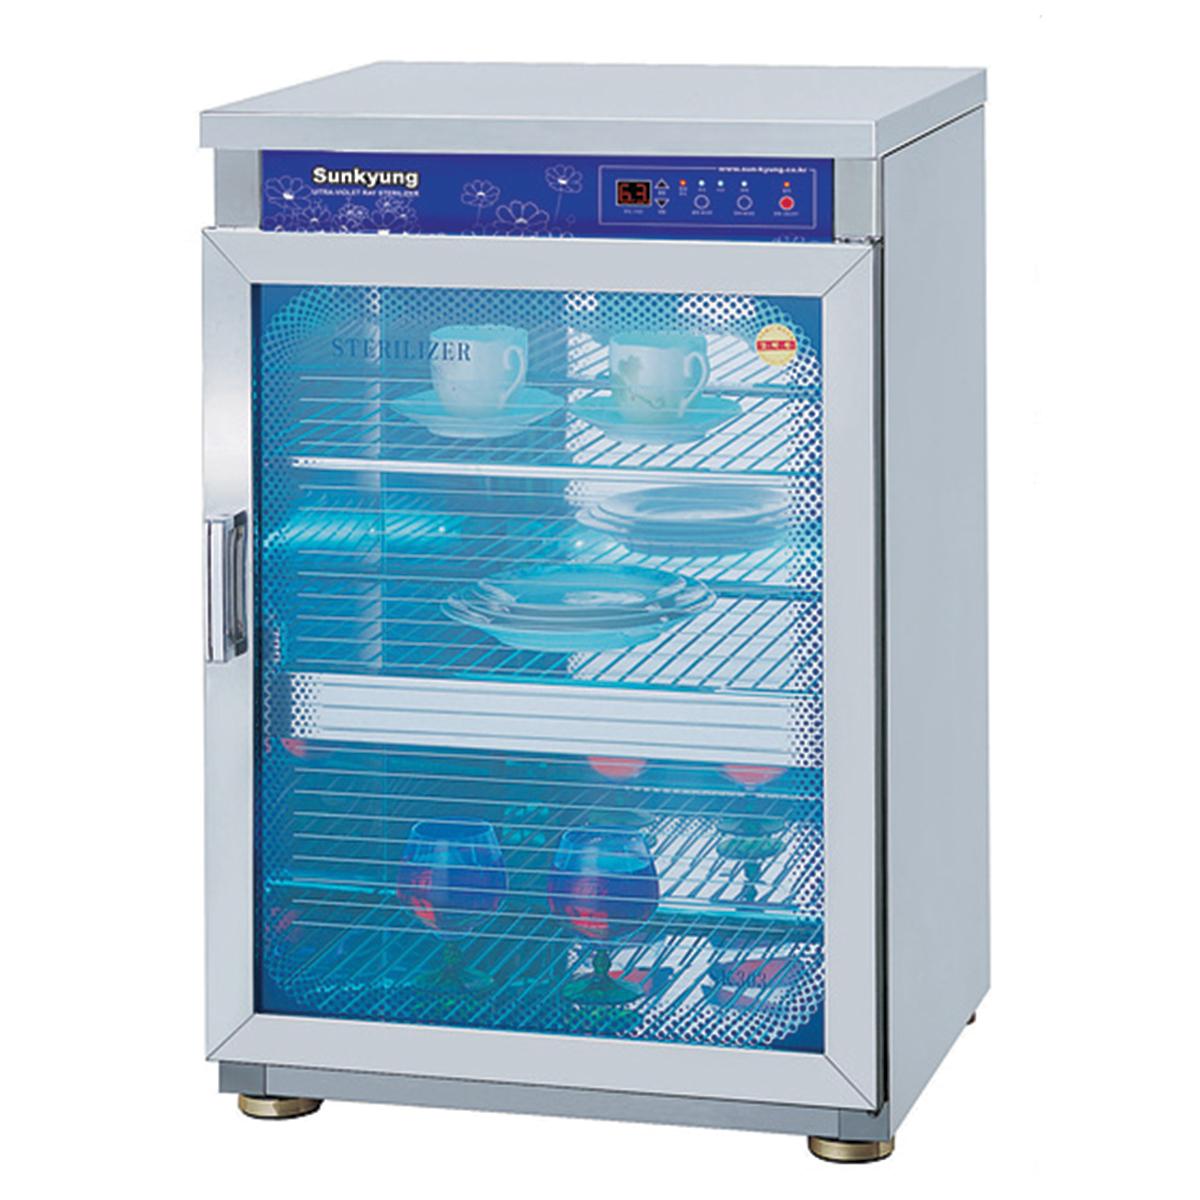 Tủ tiệt trùng sấy khô bát đĩa Sunkyung SK- 303HU